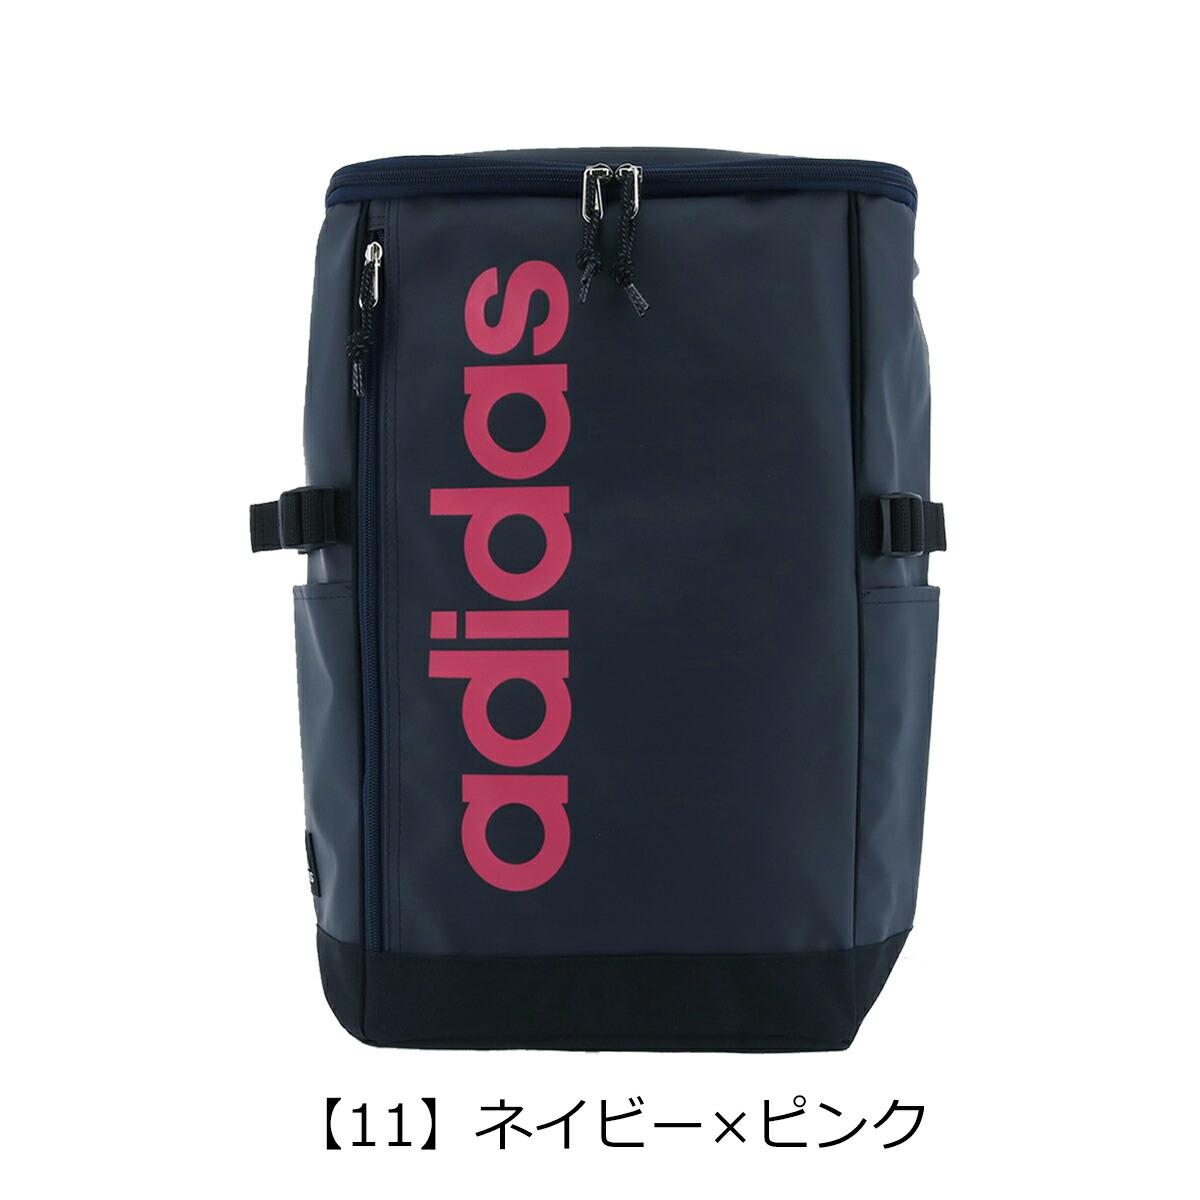 【11】ネイビー×ピンク